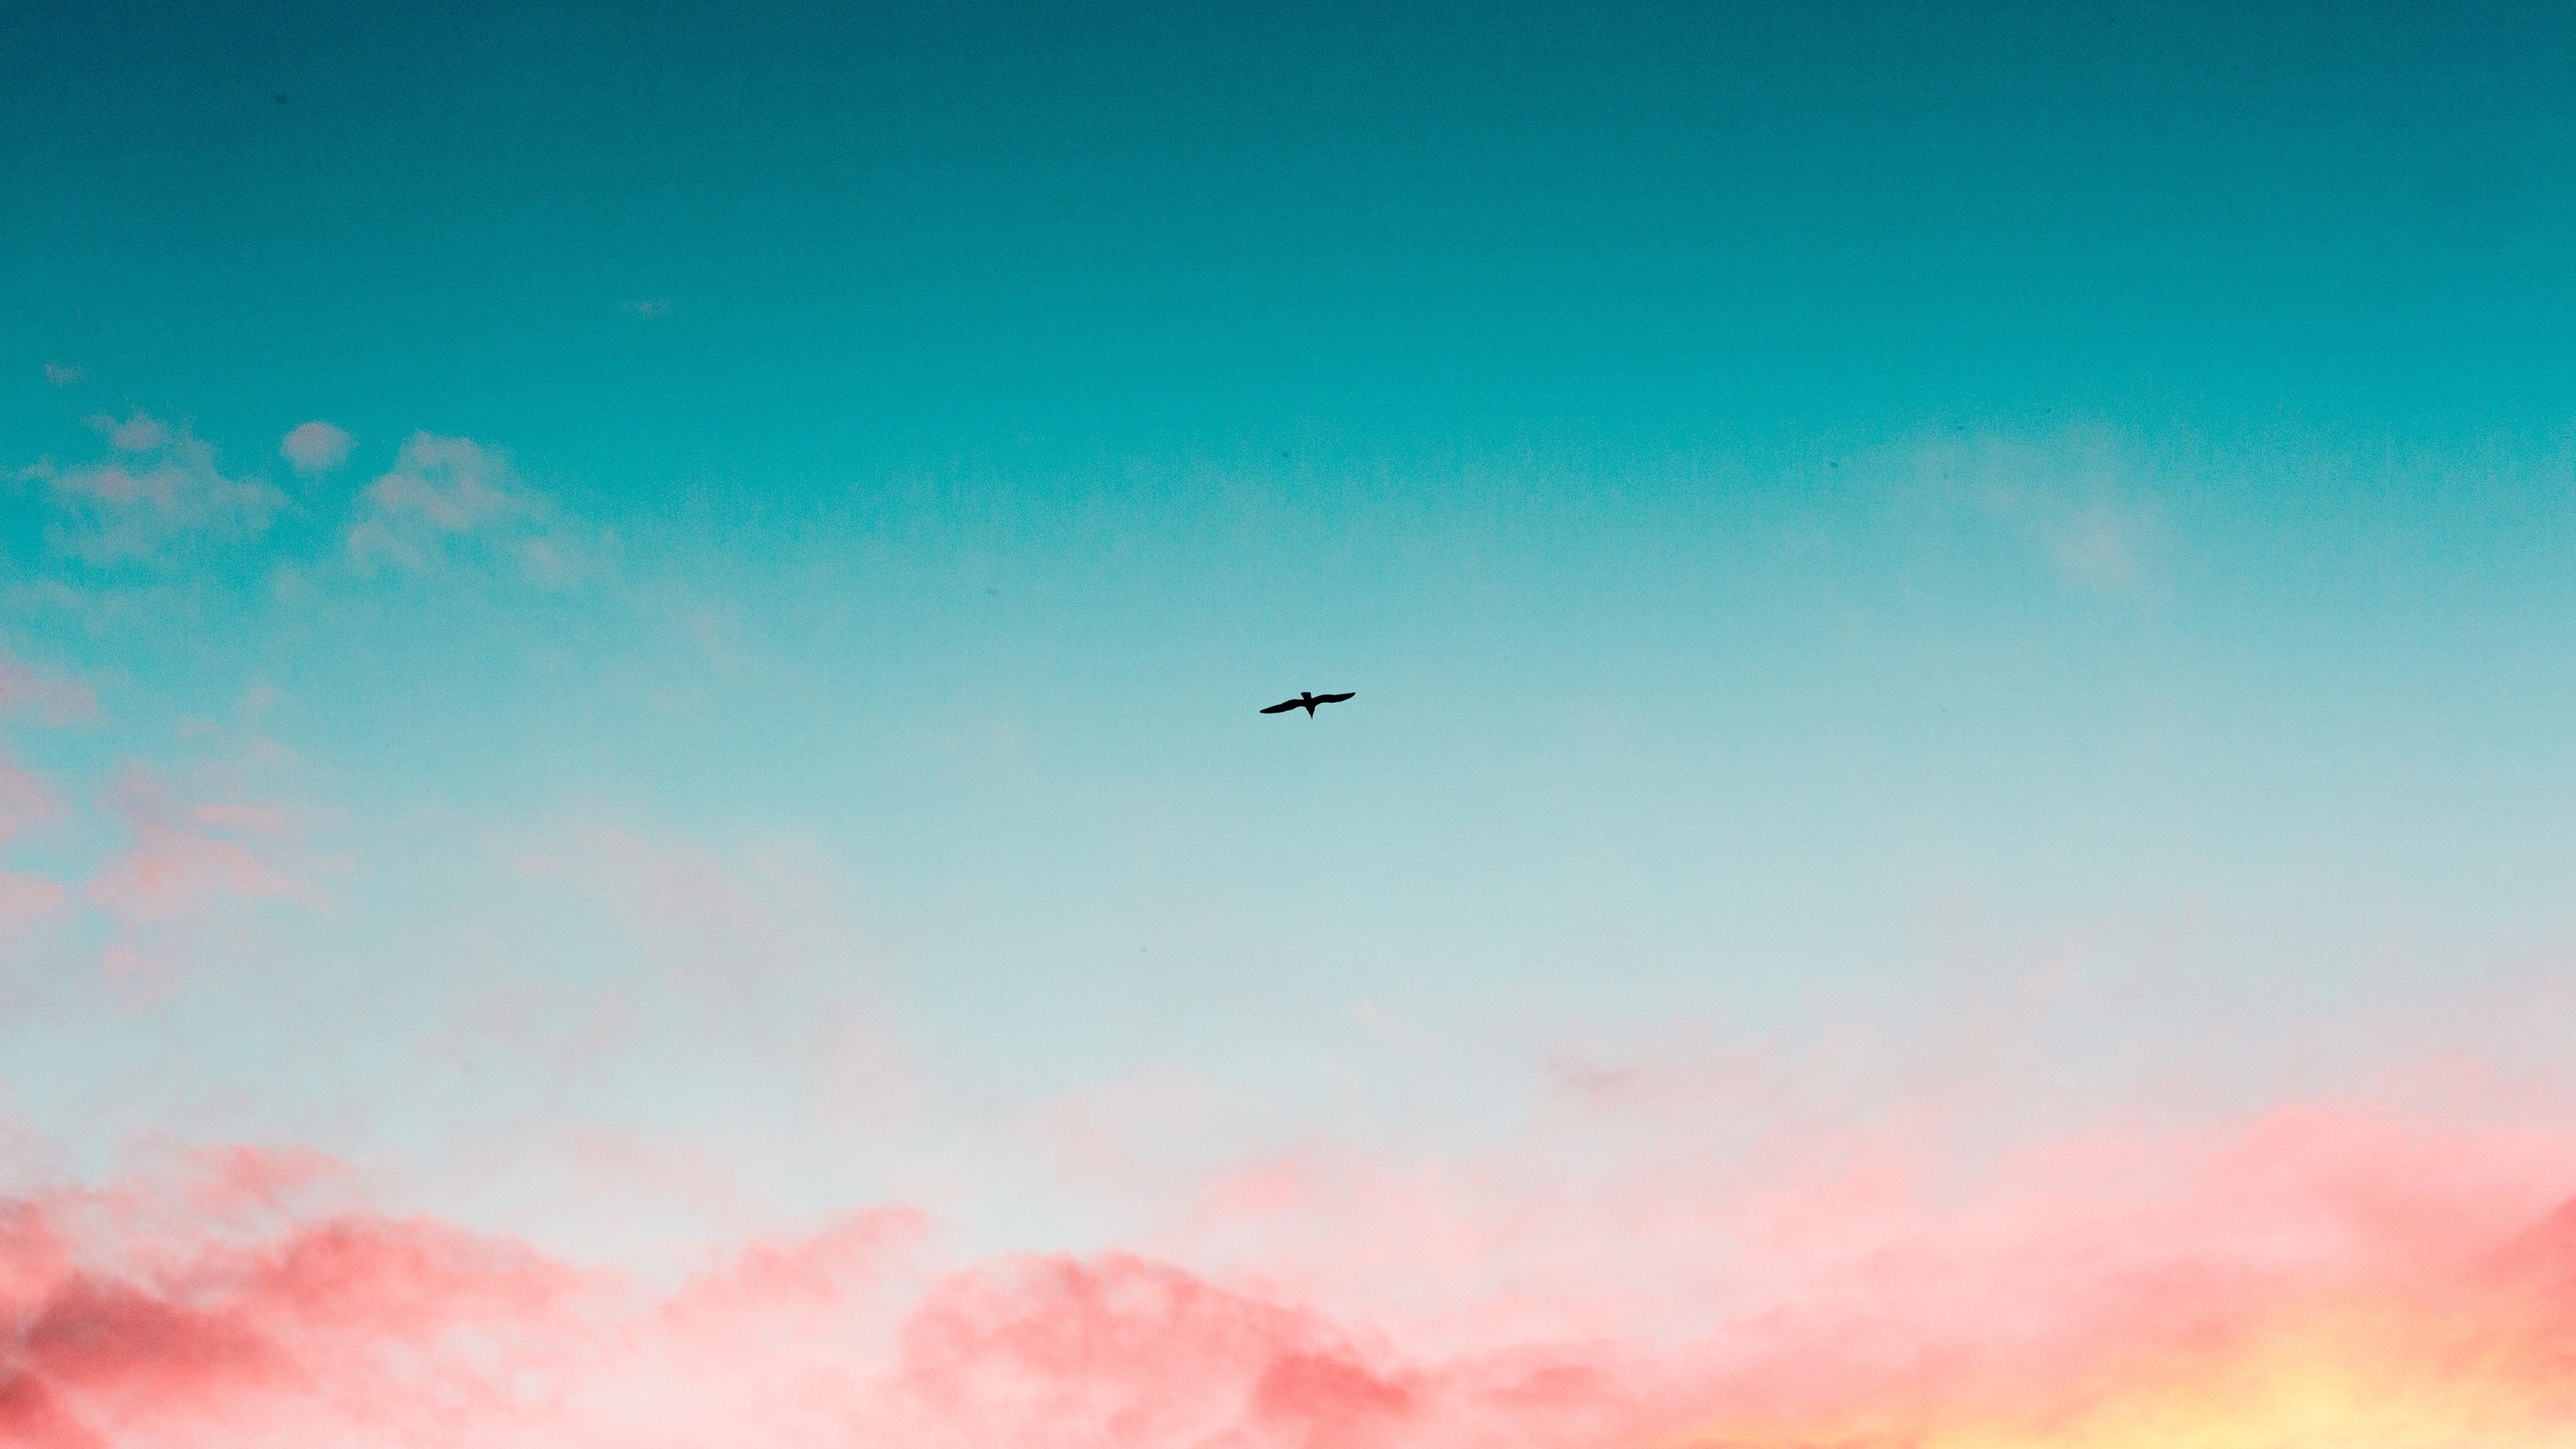 beautiful sky clouds bird flying 4k 1540136525 - Beautiful Sky Clouds Bird Flying 4k - sky wallpapers, nature wallpapers, hd-wallpapers, flying wallpapers, clouds wallpapers, bird wallpapers, 4k-wallpapers